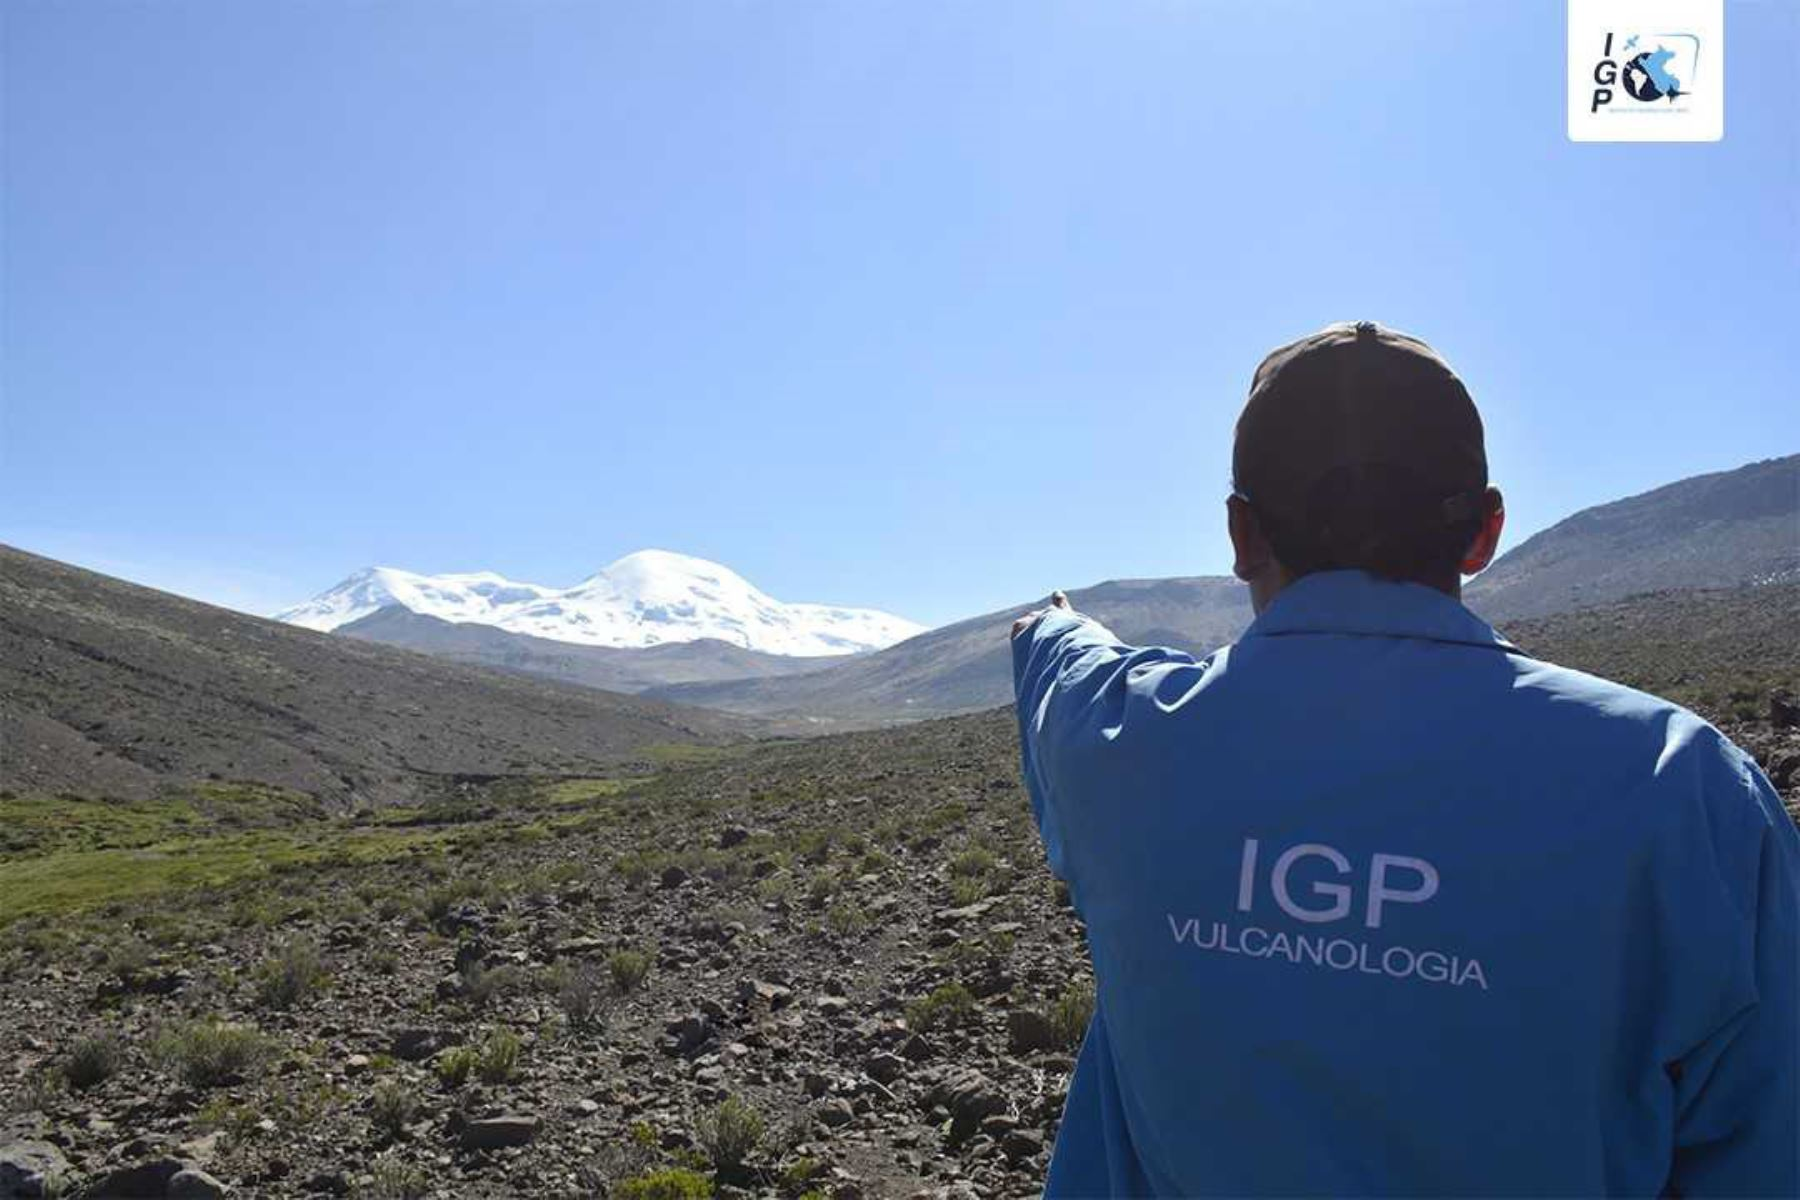 Cuatro sismos diarios entre el 16 y 31 de julio registró el volcán Coropuna, ubicado entre los distritos de Viraco, provincia de Castilla, y Salamanca, provincia de Condesuyos, en la región Arequipa, siendo el más alto a escala nacional y considerado uno de los volcanes de muy alto riesgo, informó el Instituto Geofísico del Perú (IGP).